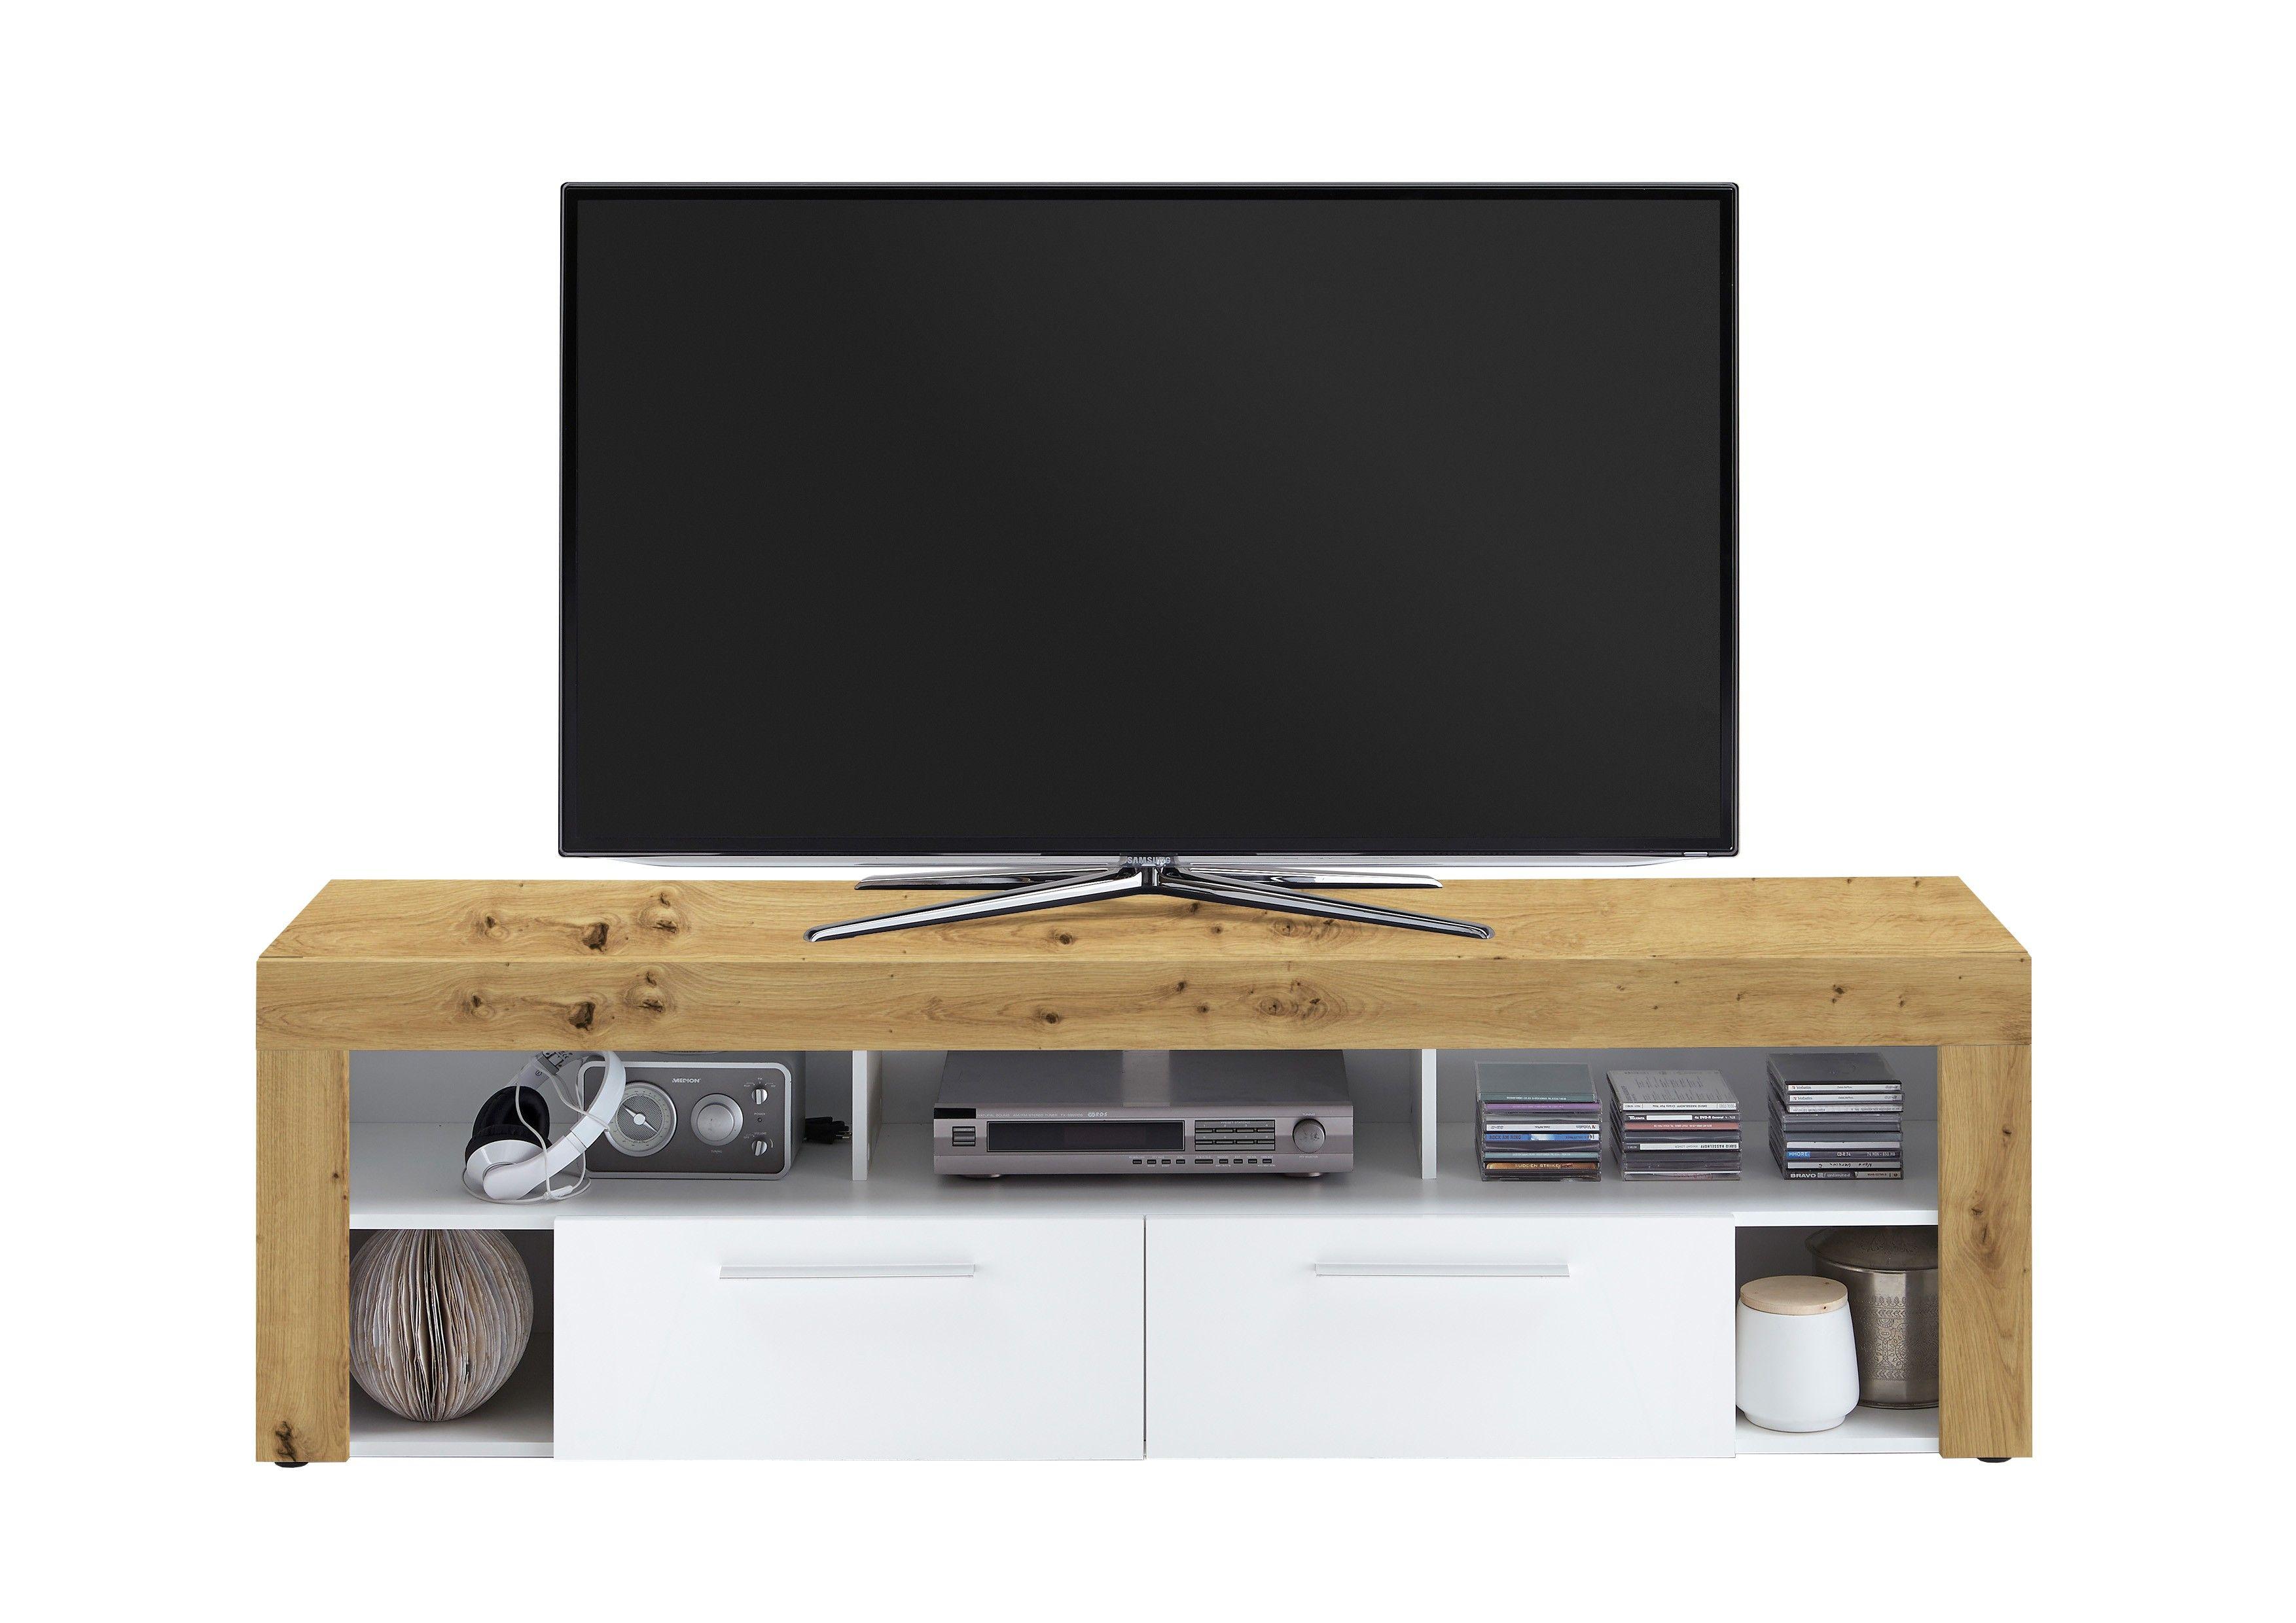 Panneau Mural Derriere Tv meuble tv vidi 180 cm - chêne vielli